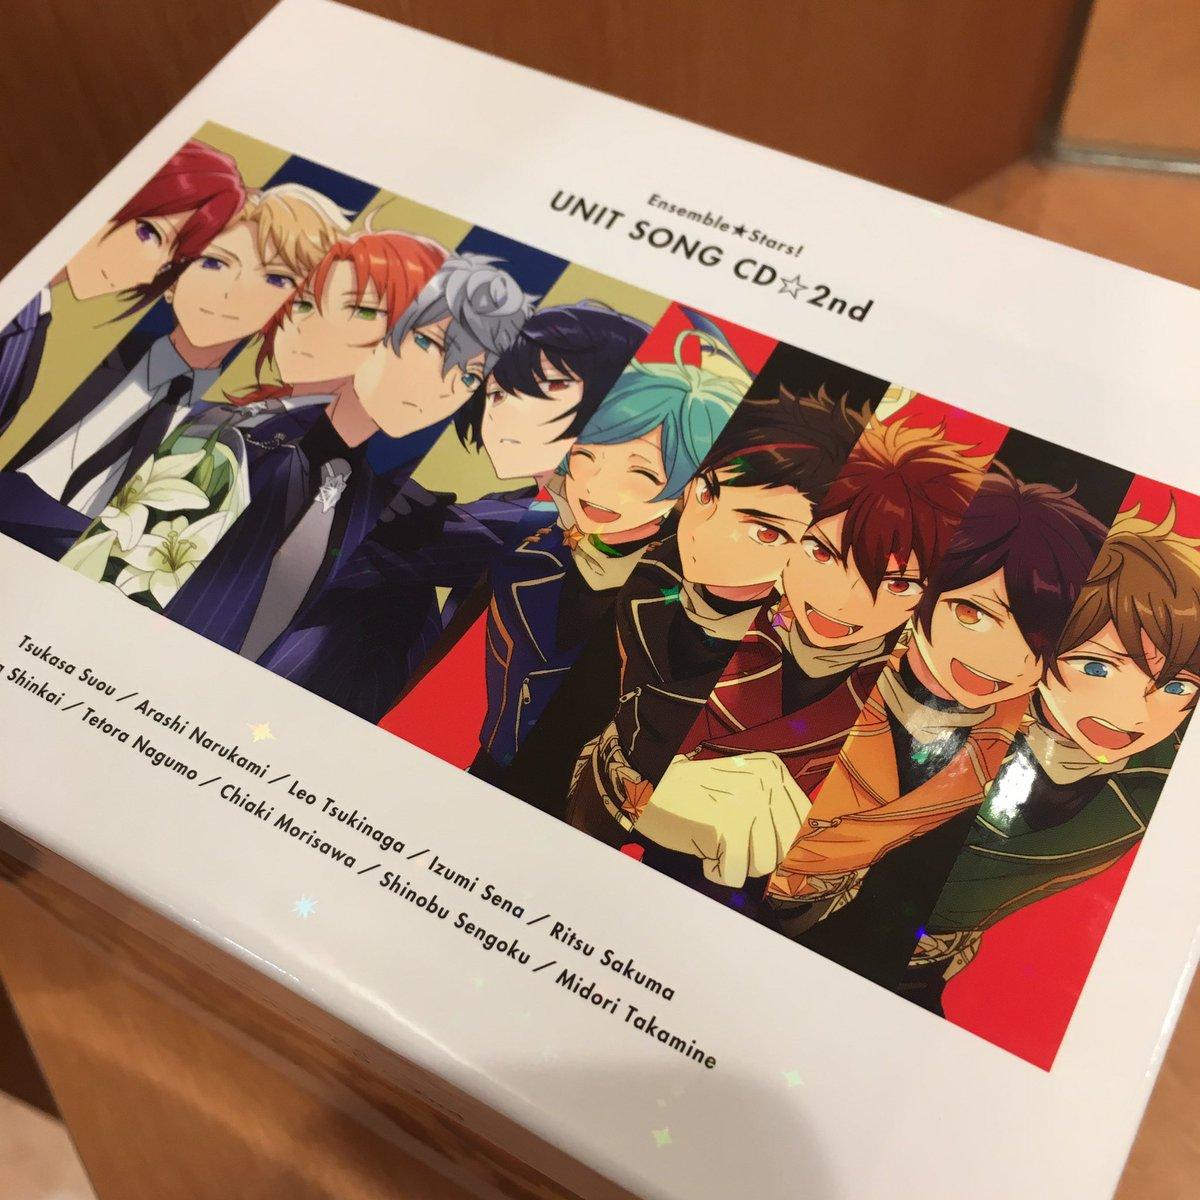 CD特典収納BOXが予想以上に可愛かったぞ〜💓写真わかりにくいけどキラキラしてる😇